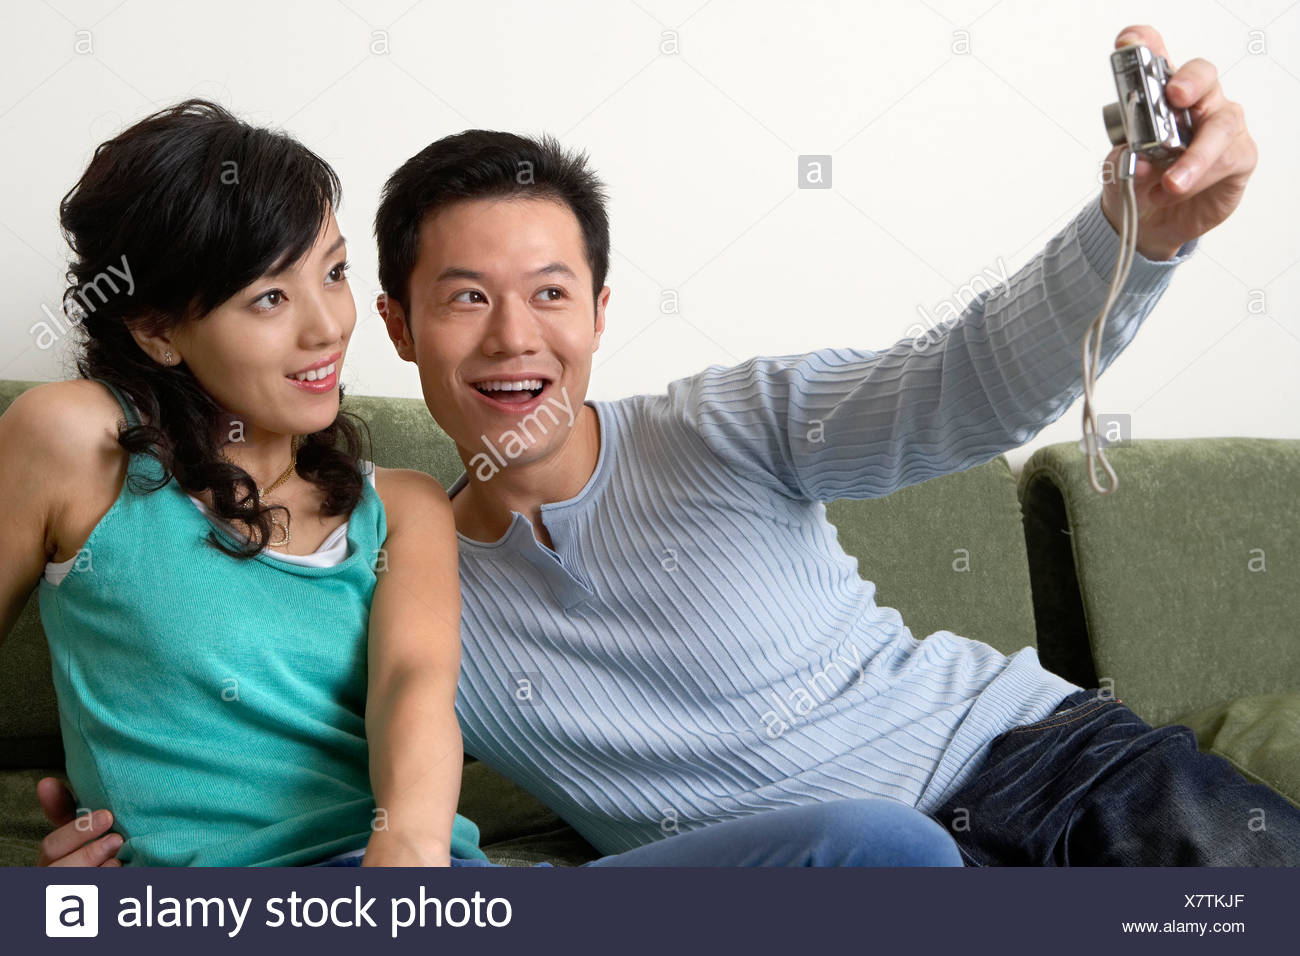 Jeune couple Prendre une photo d'eux-mêmes Photo Stock